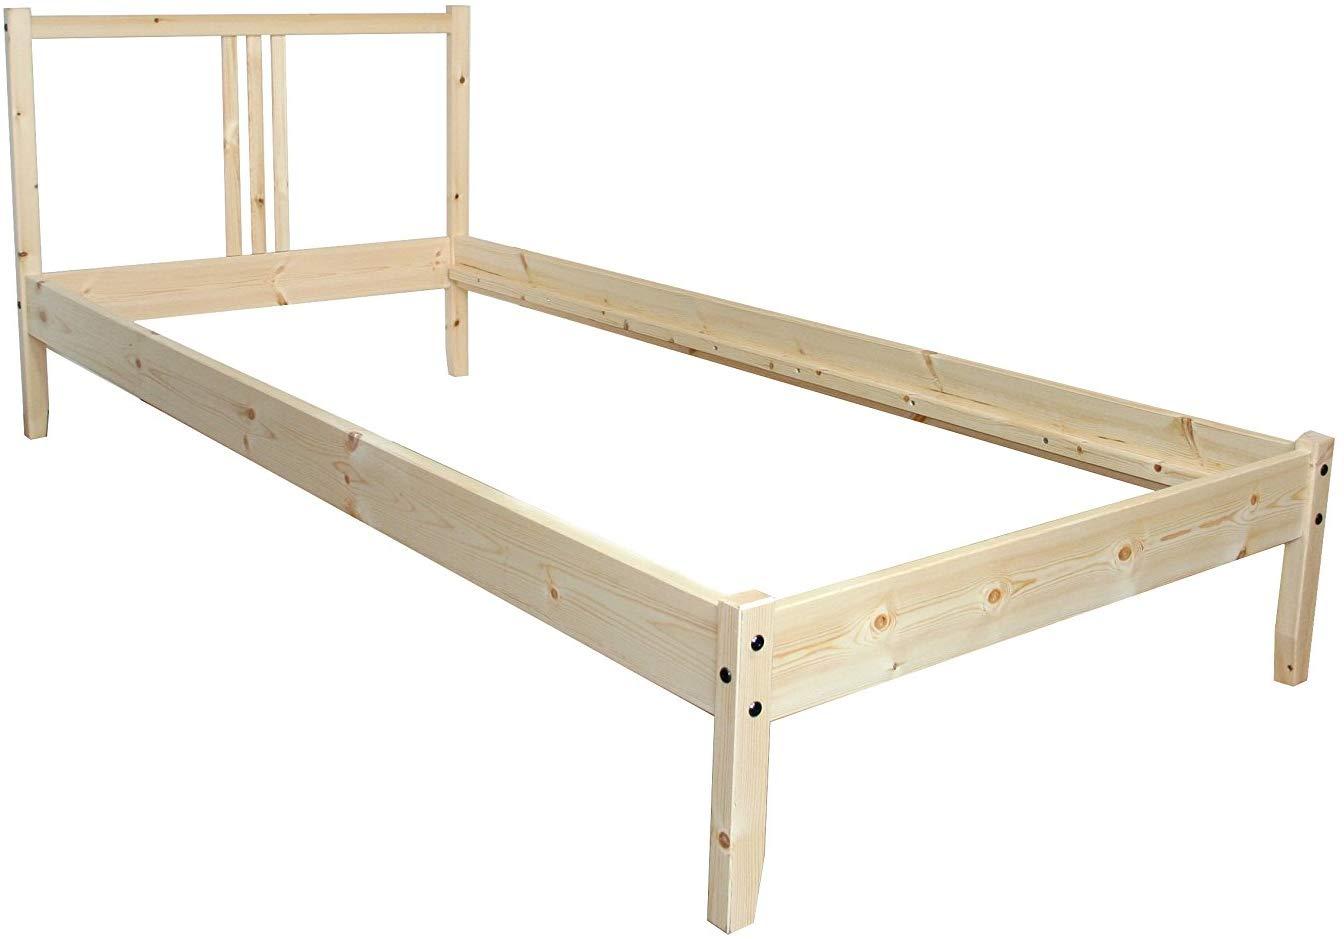 Full Size of Ikea Bettgestell Fjellse Holz Bett In 90x200 Cm Aus Massiver Schreibtisch Mit Regal Bambus Unterbett 200x200 Stauraum Grau Weiß 120x200 Spiegelschrank Bad Bett Bett 90x200 Mit Lattenrost Und Matratze